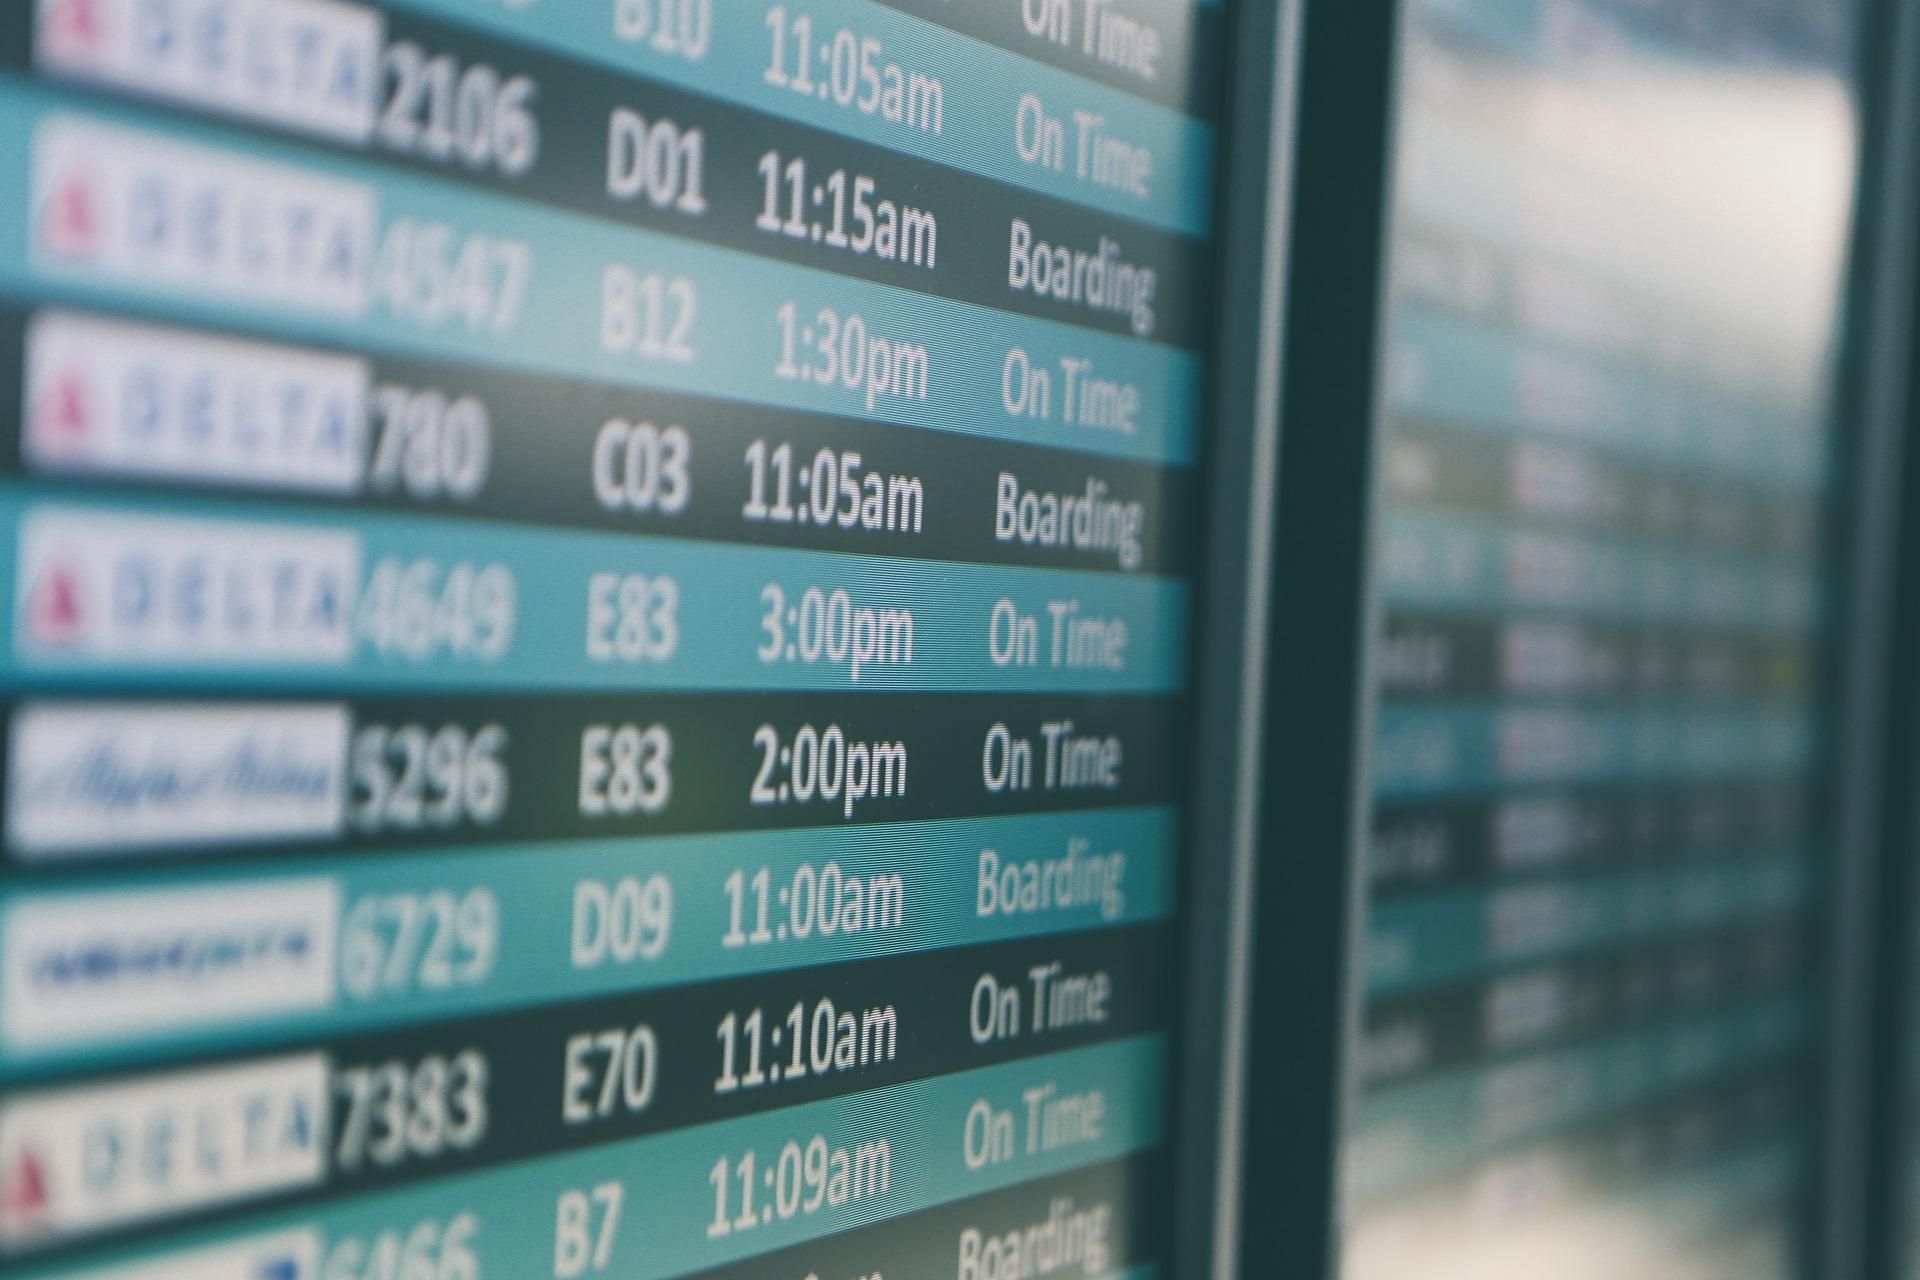 Departure timeframe